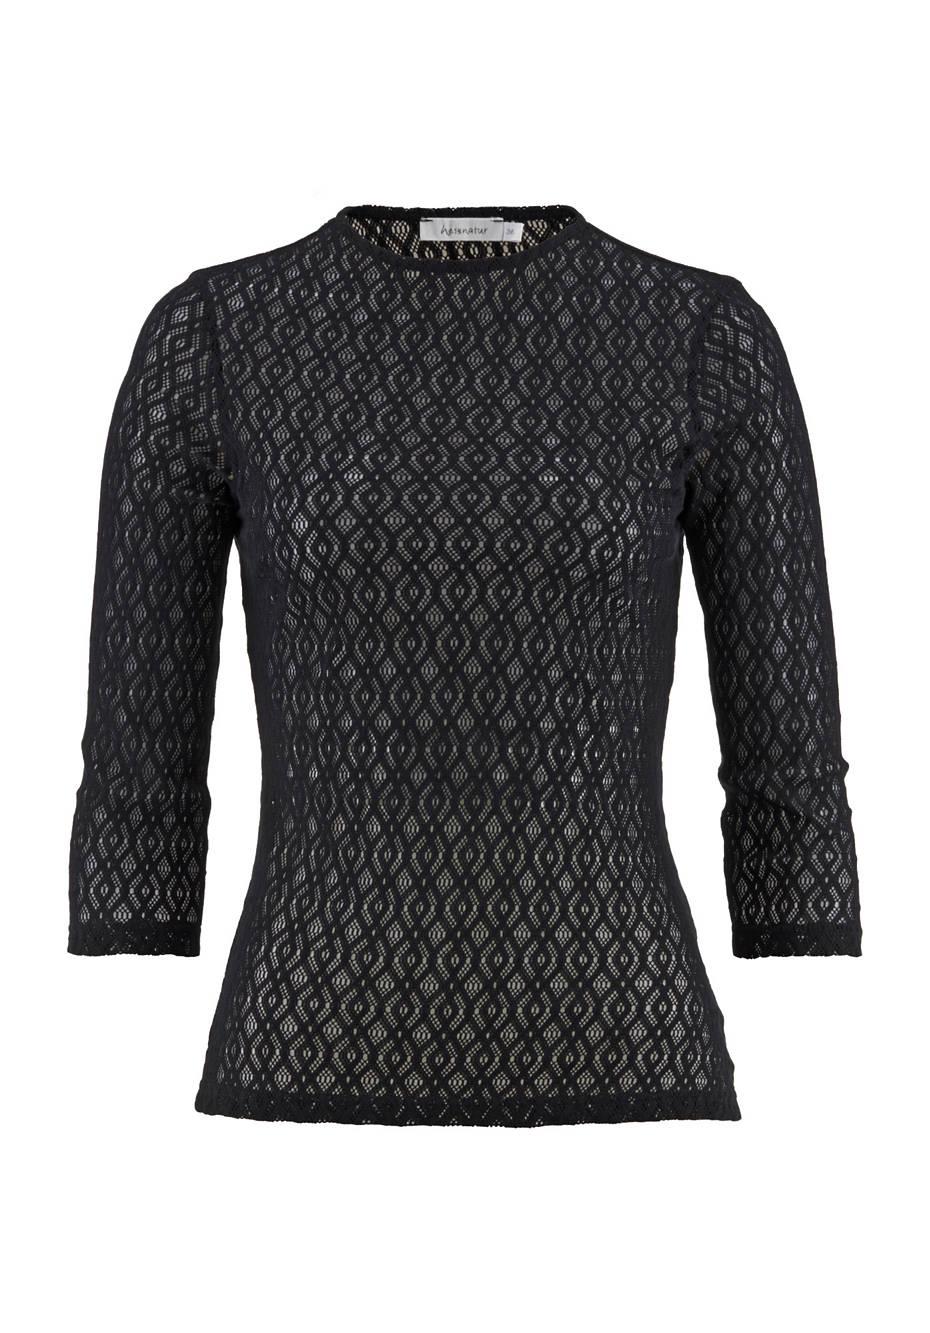 Spitzen-Shirt aus reiner Bio-Baumwolle